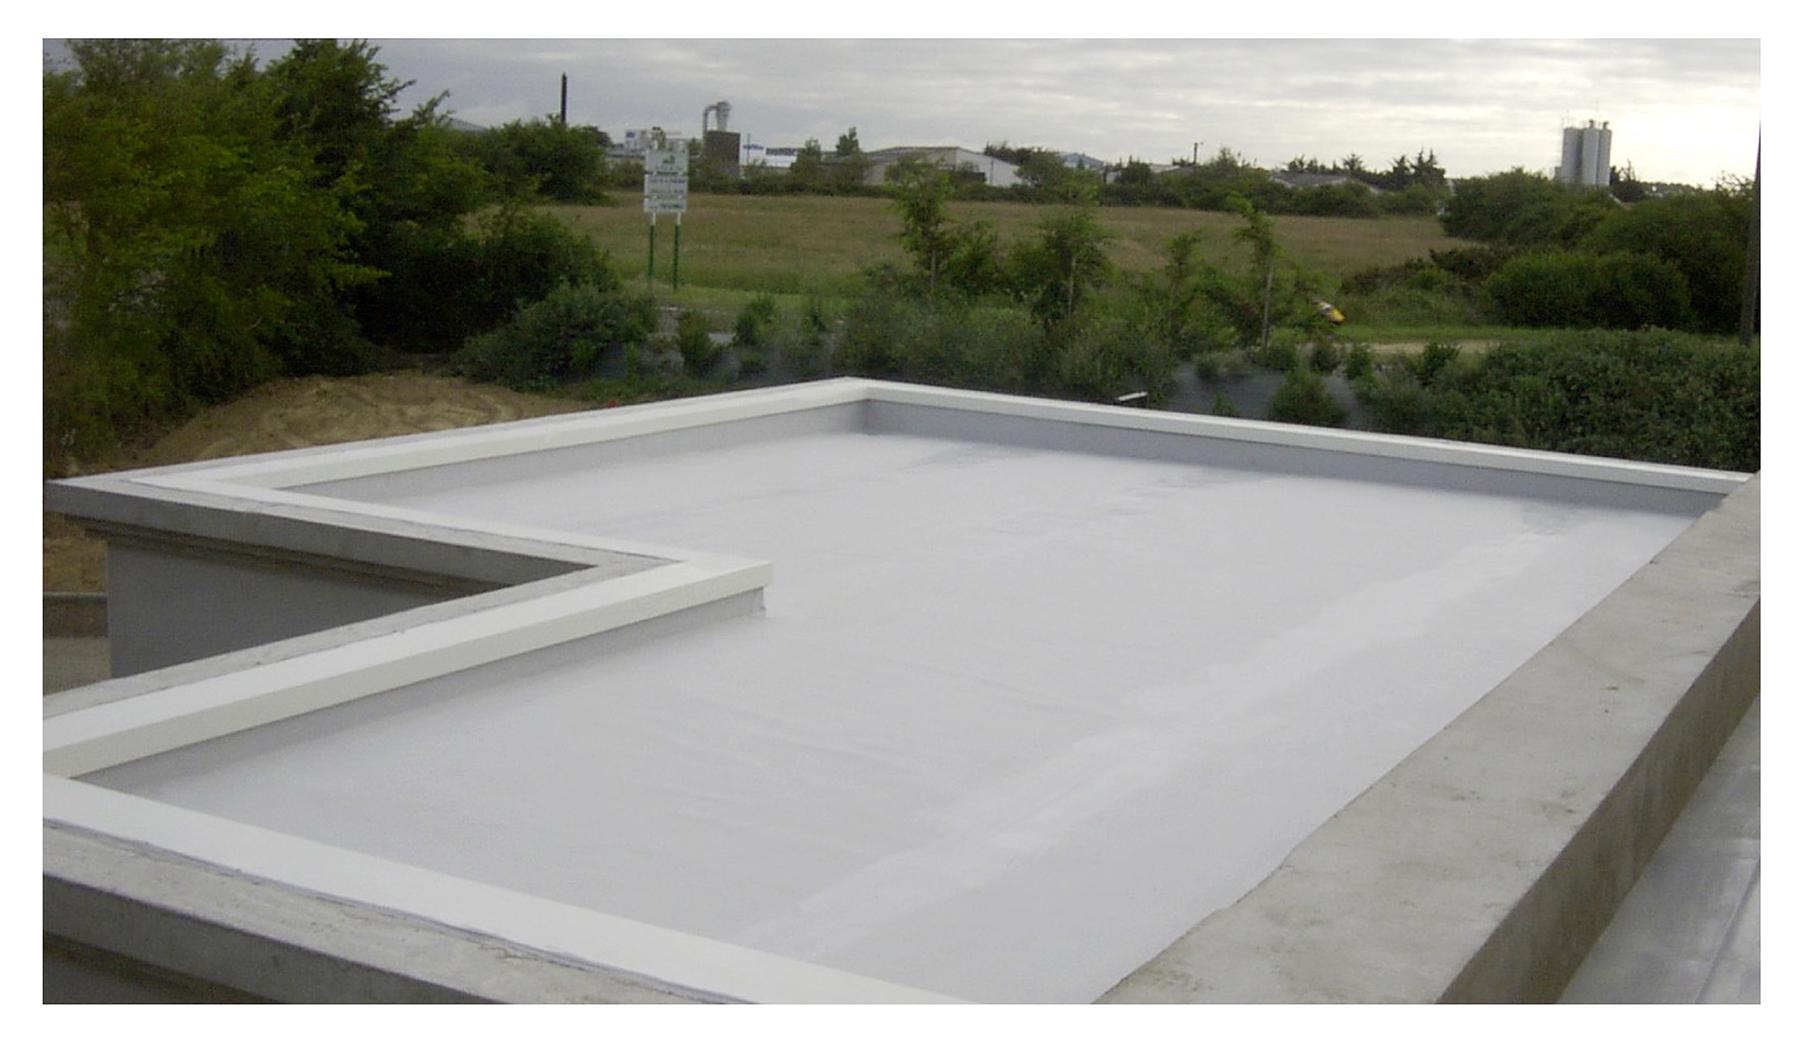 Travaux d'étanchéité sur le sol d'un balcon terrasse de maison par ROGER SAS en Loire Atlantique